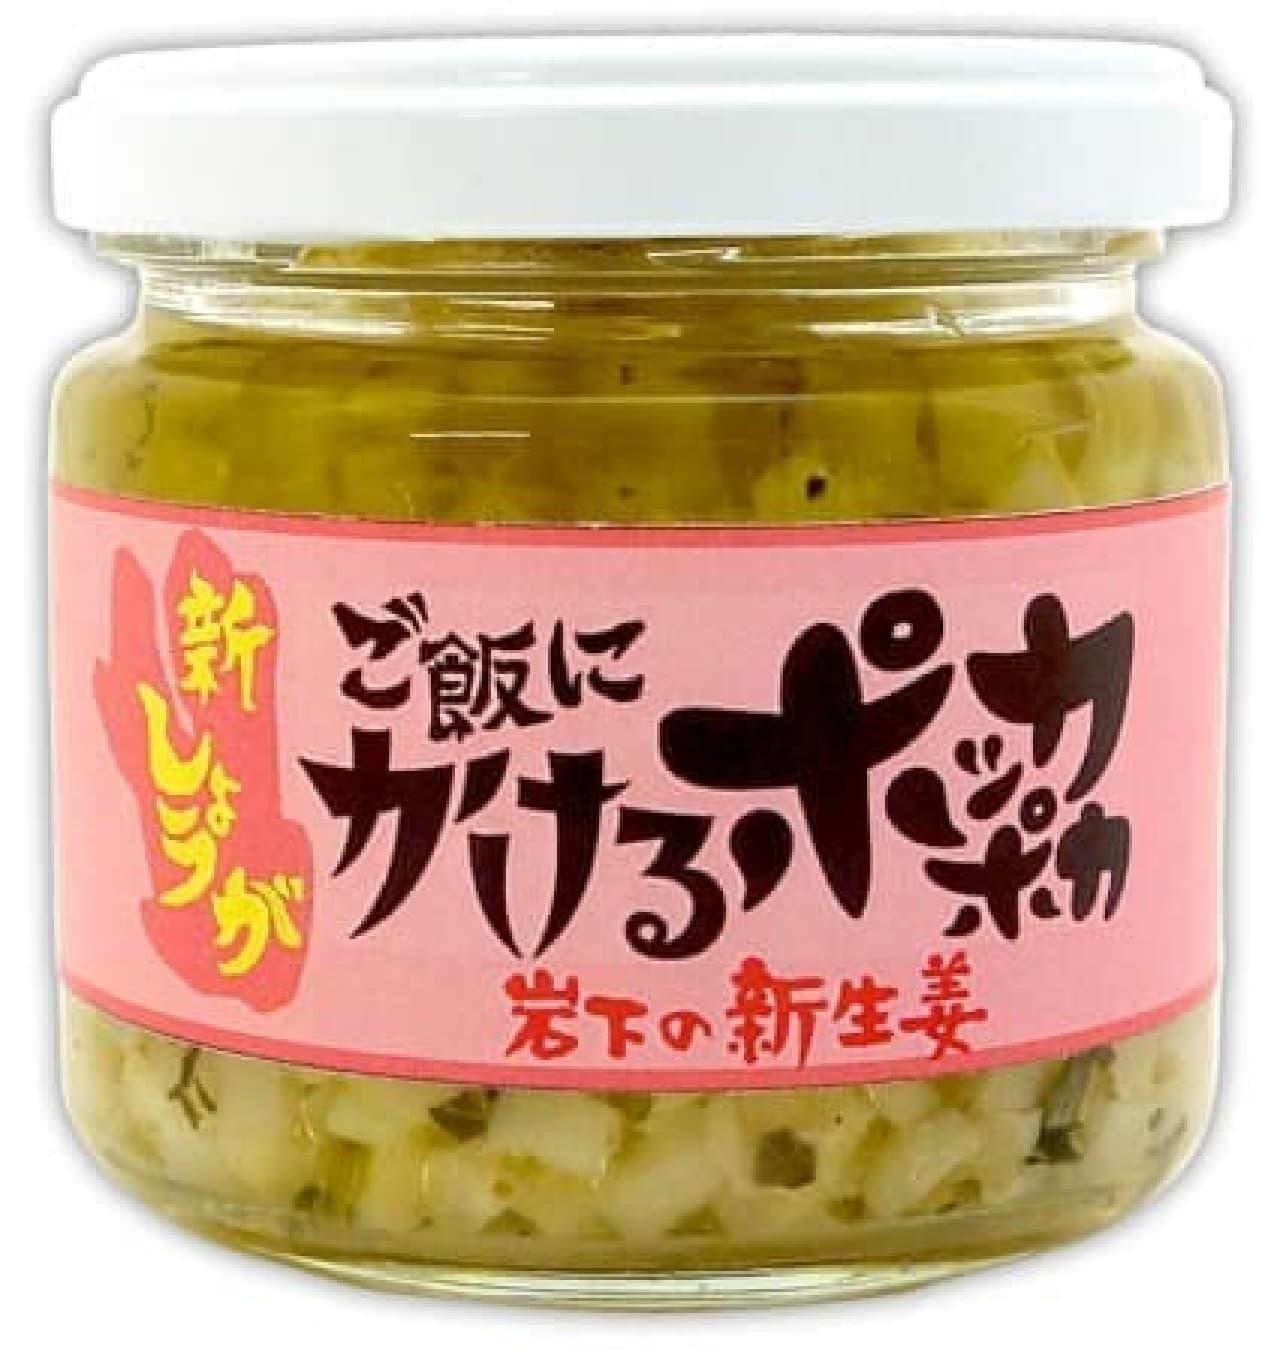 「ご飯にかけるギョーザ」シリーズの生姜食品「ご飯にかけるポッカポカ」